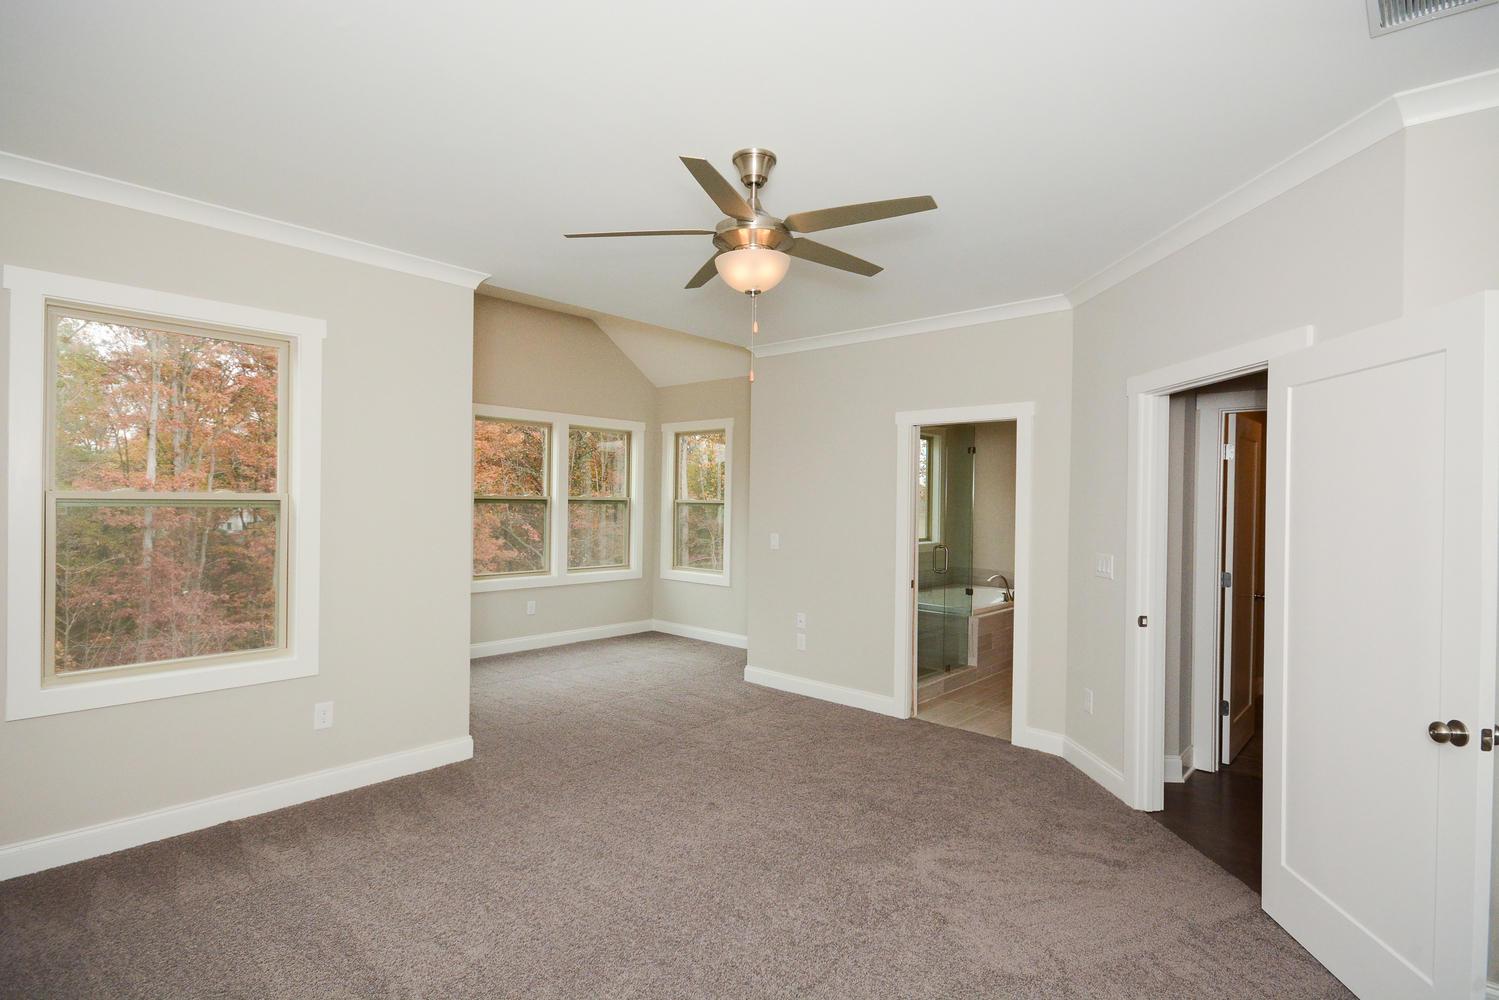 Dunes West Homes For Sale - 2919 Eddy, Mount Pleasant, SC - 8